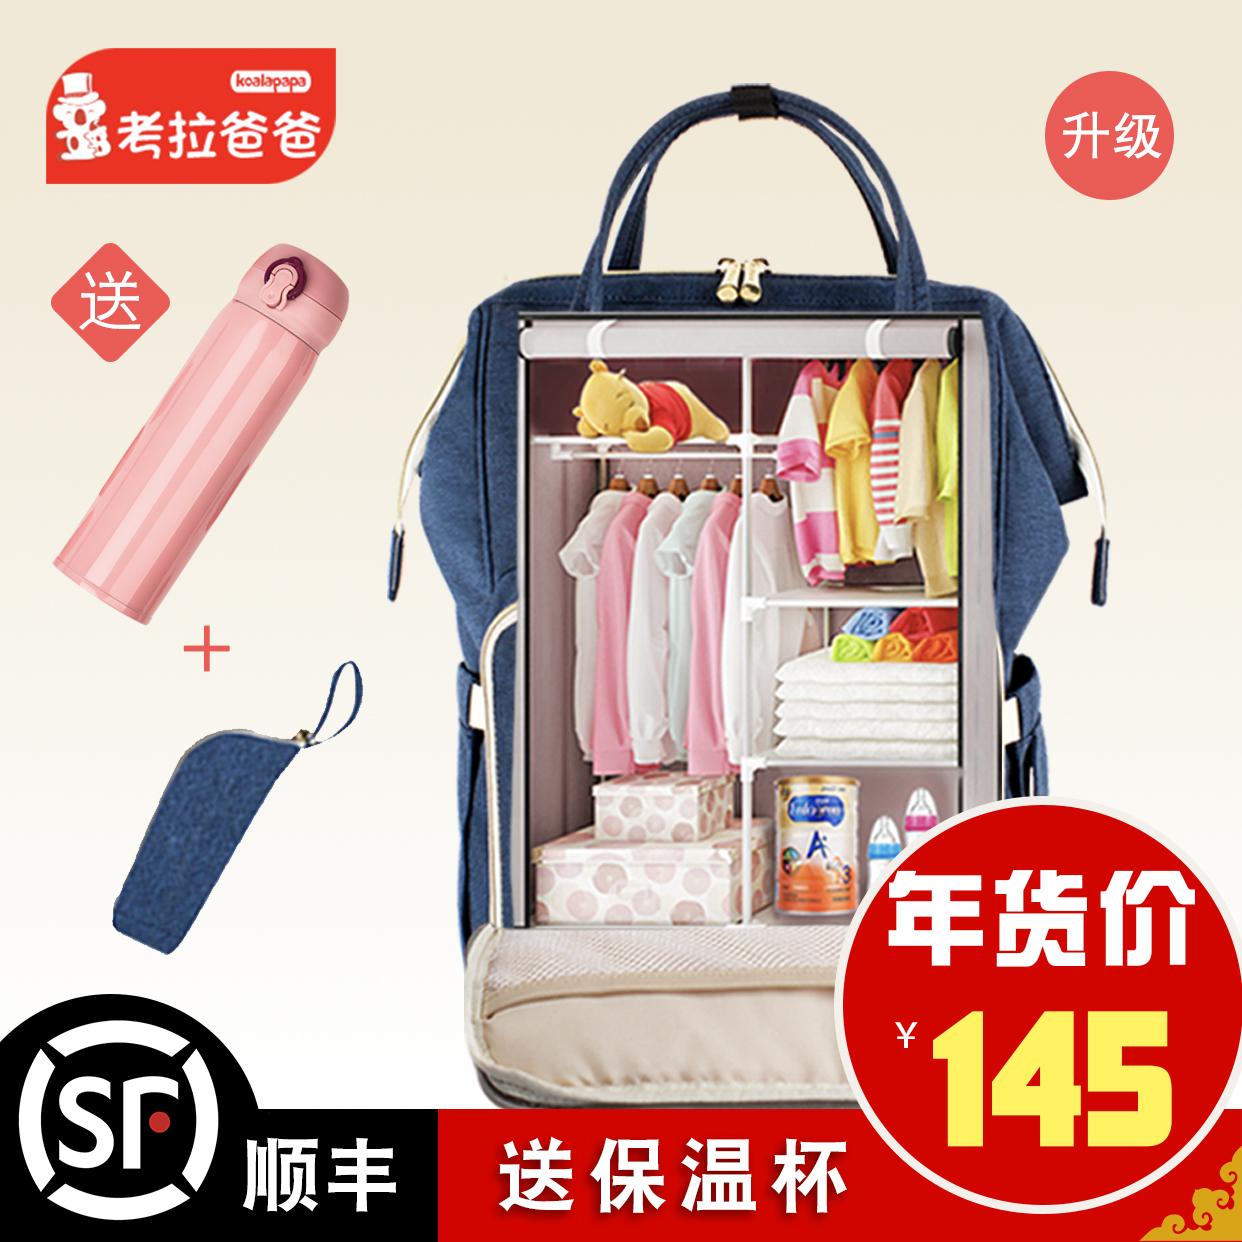 Коала отец мода мама пакет многофункциональный большой потенциал рюкзак пакет сокровище мама мать младенец из ребенок негабаритный